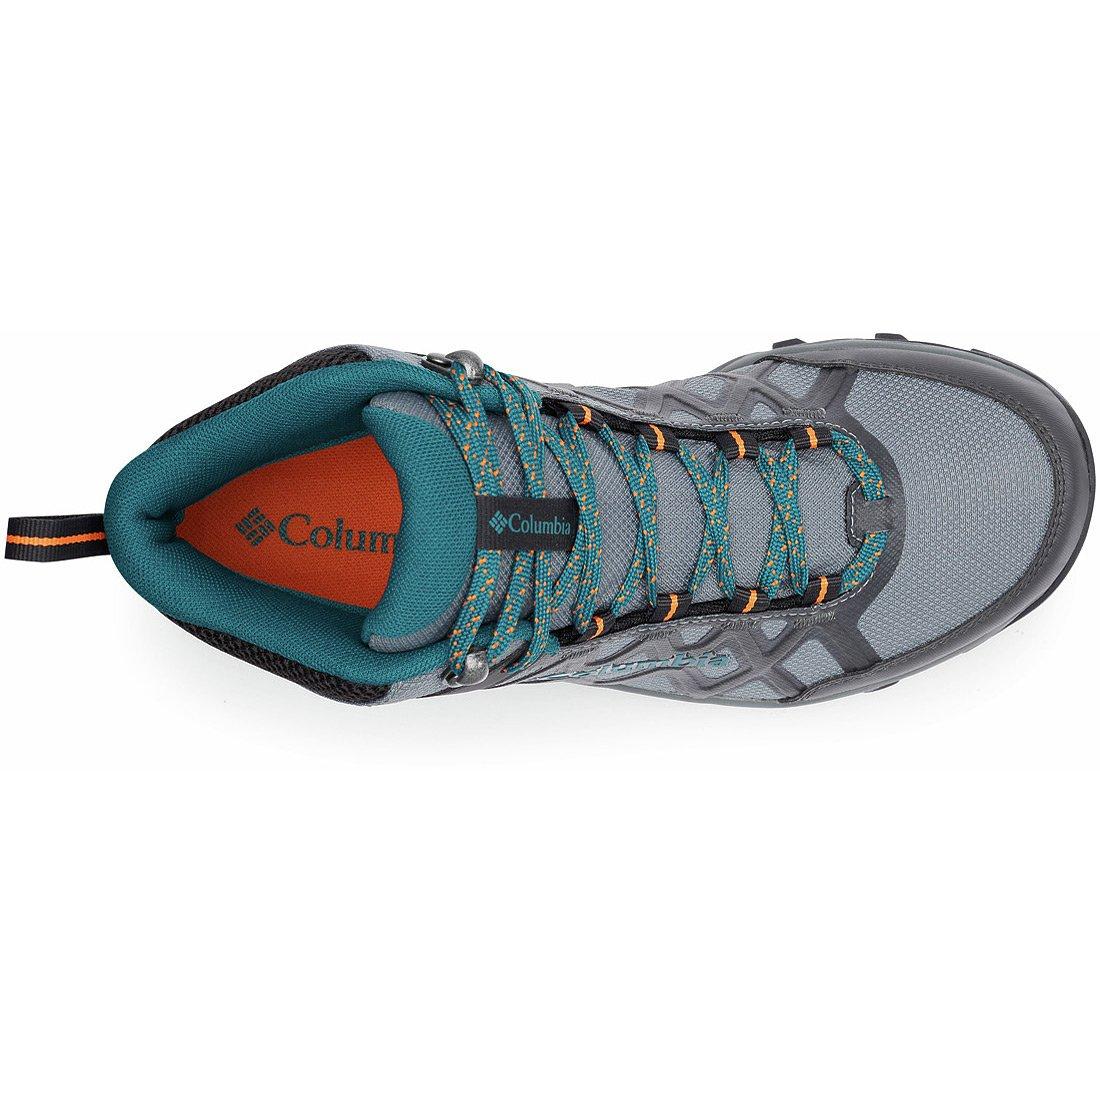 נעלי טיולים לנשים - Peakfreak X2 Mid Outdry - Columbia